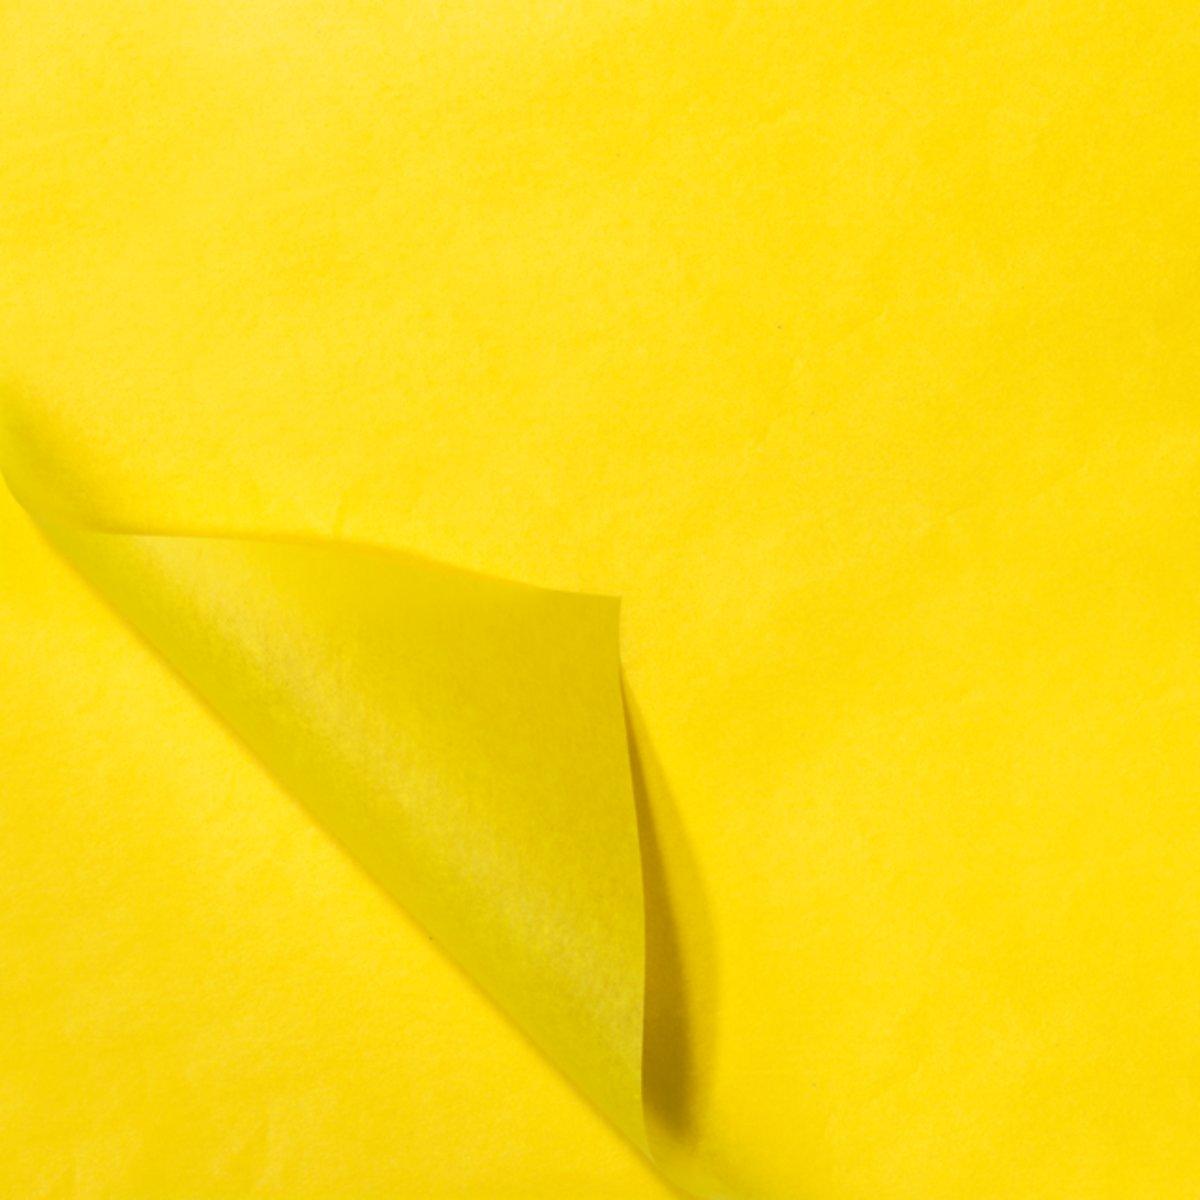 30654cd5d58 bol.com | zijdevloei papier 50 x 70 cm 100 vel geel | Speelgoed